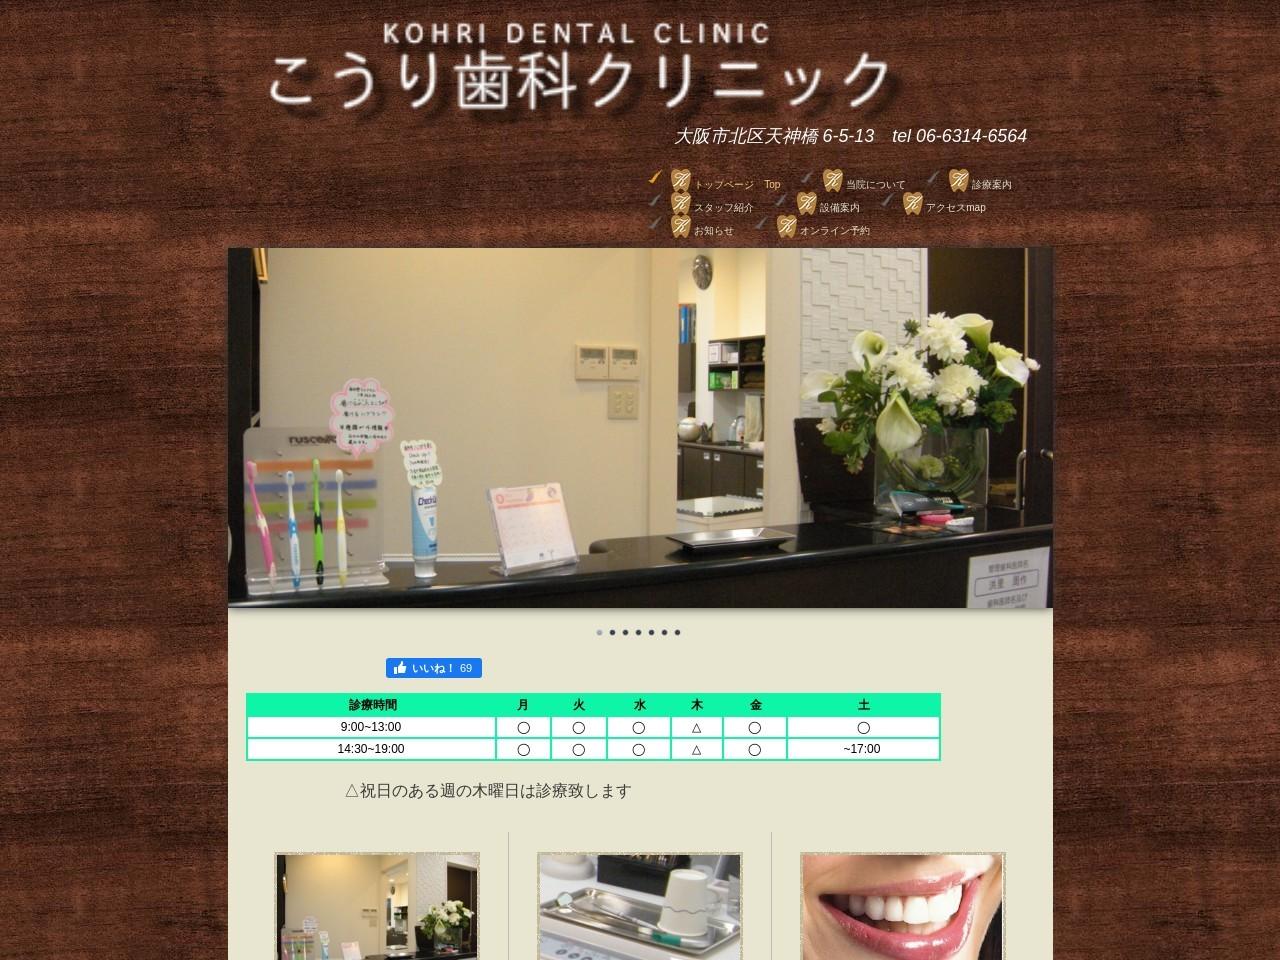 こうり歯科クリニック (大阪府大阪市北区)